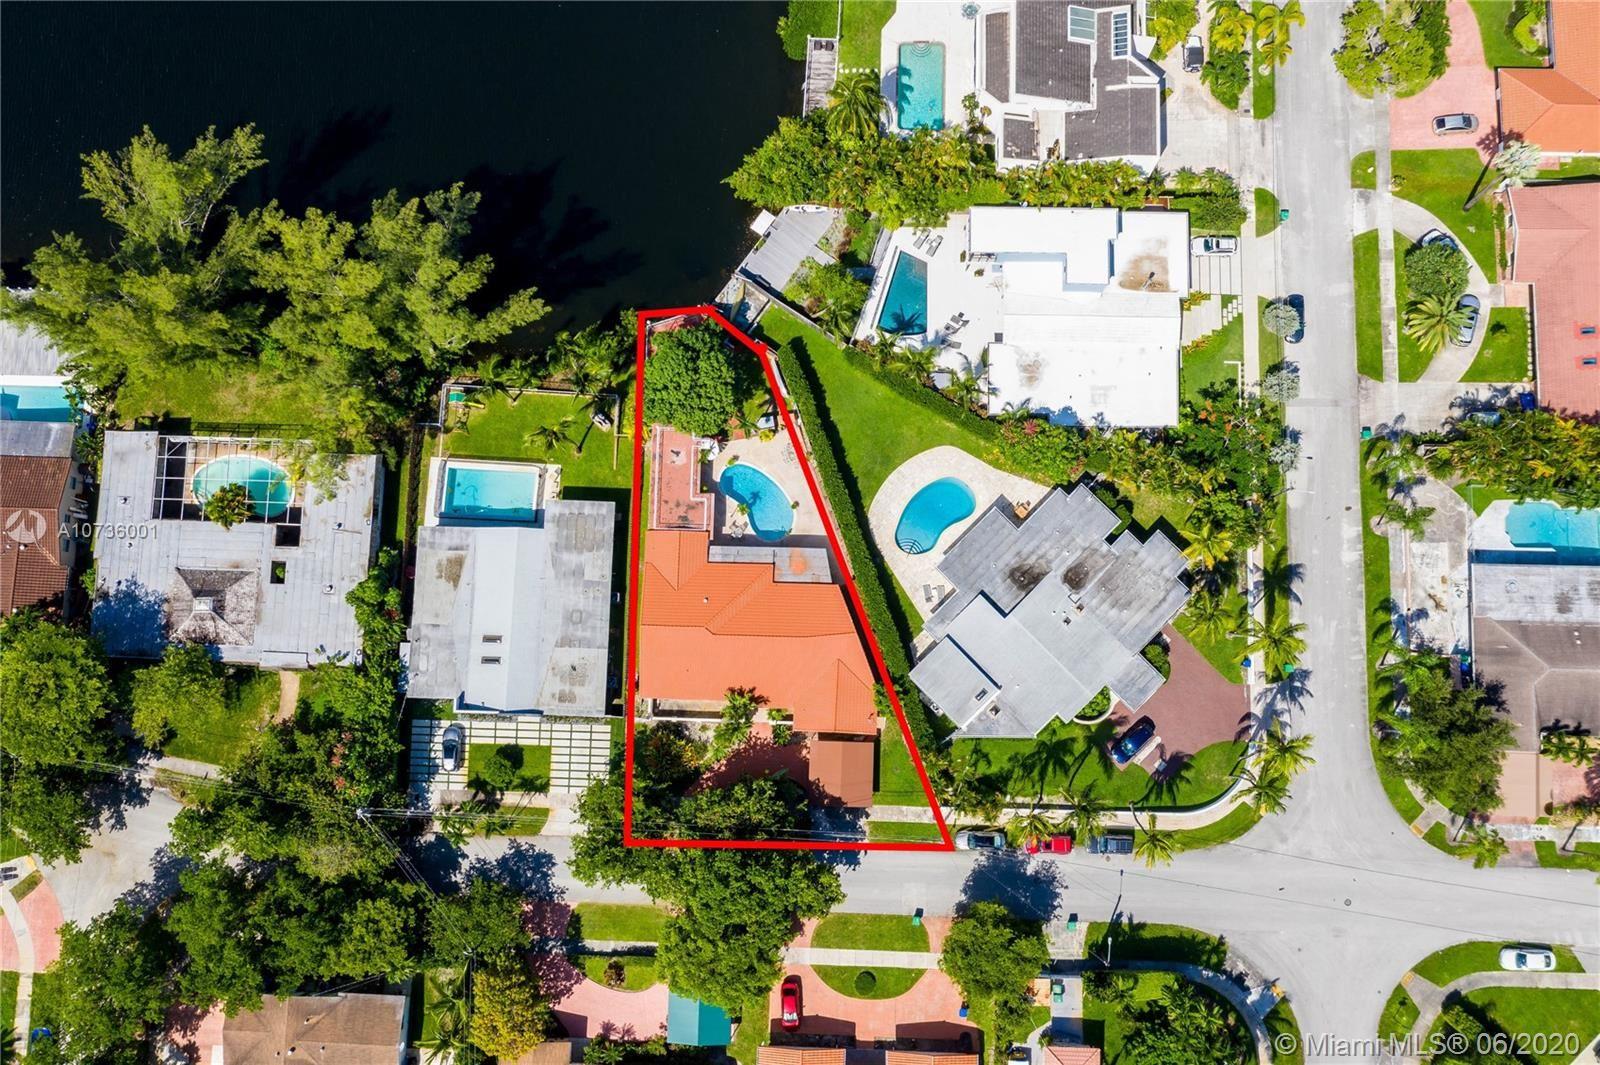 19630 NE 23rd Ave, Miami, FL 33180 - MLS#: A10736001